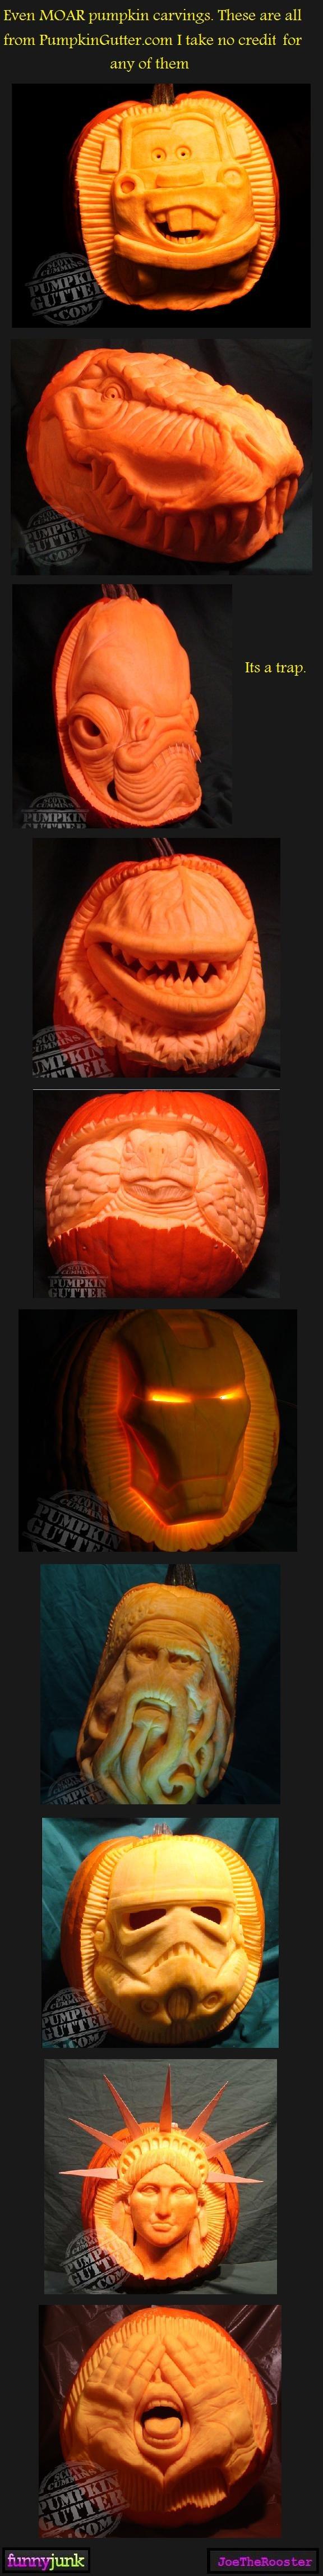 Pumpkin carvings 3. Moar<br /> www.funnyjunk.com/funny_pictures/1116223/Pumpkin+carvings+1/<br /> www.funnyjunk.com/funny_pictures/1116251/Pumpkin+c